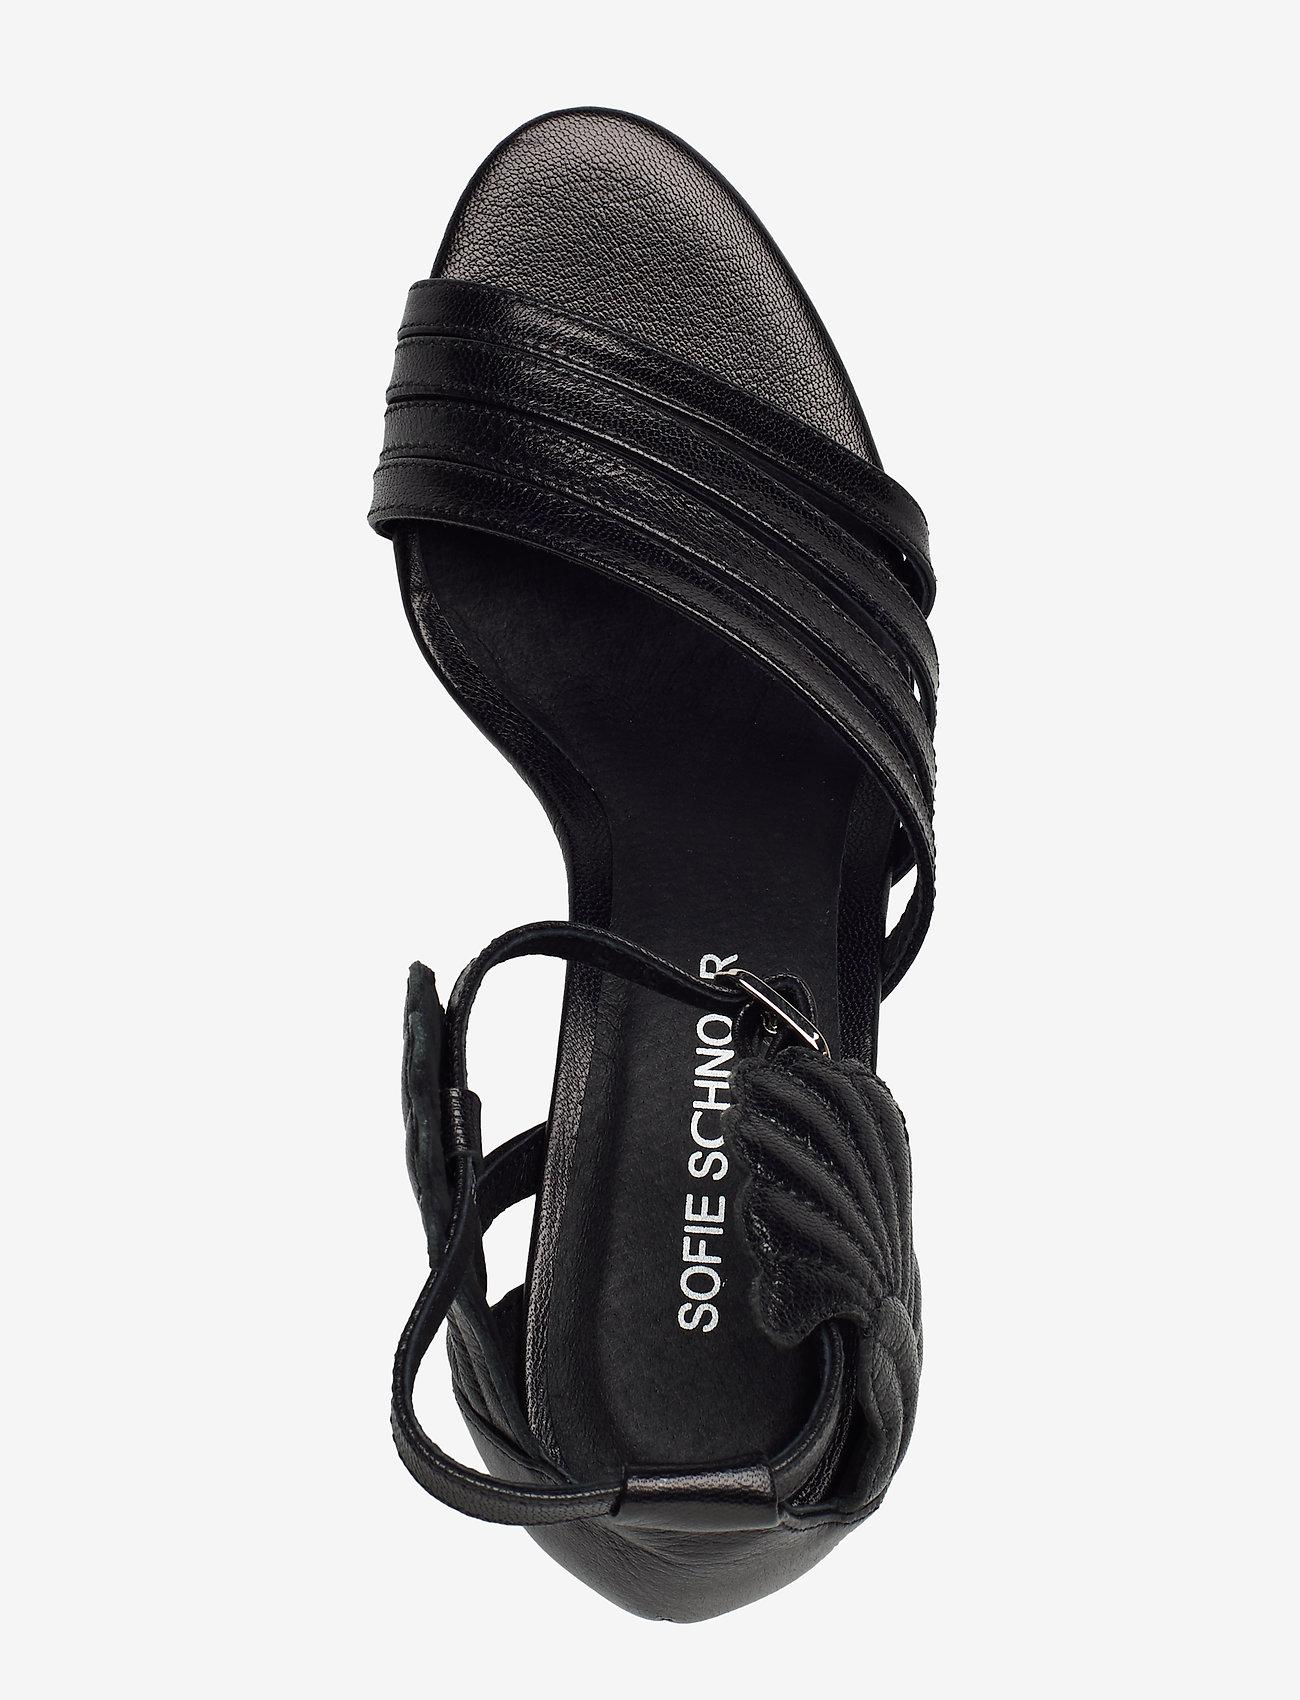 Shoe (Black) - Sofie Schnoor